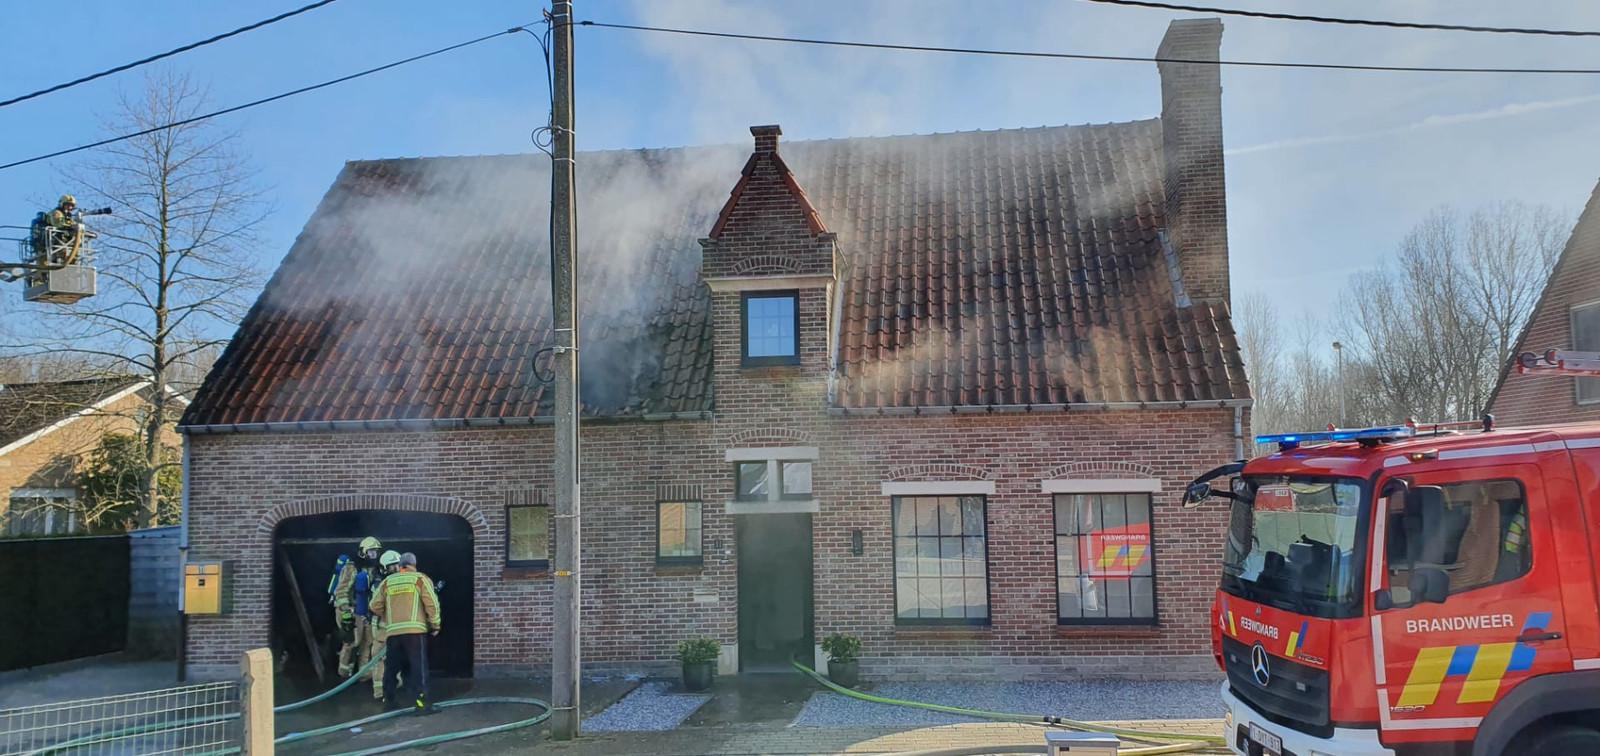 De brandweer probeert het vuur in de Biesakker onder controle te krijgen